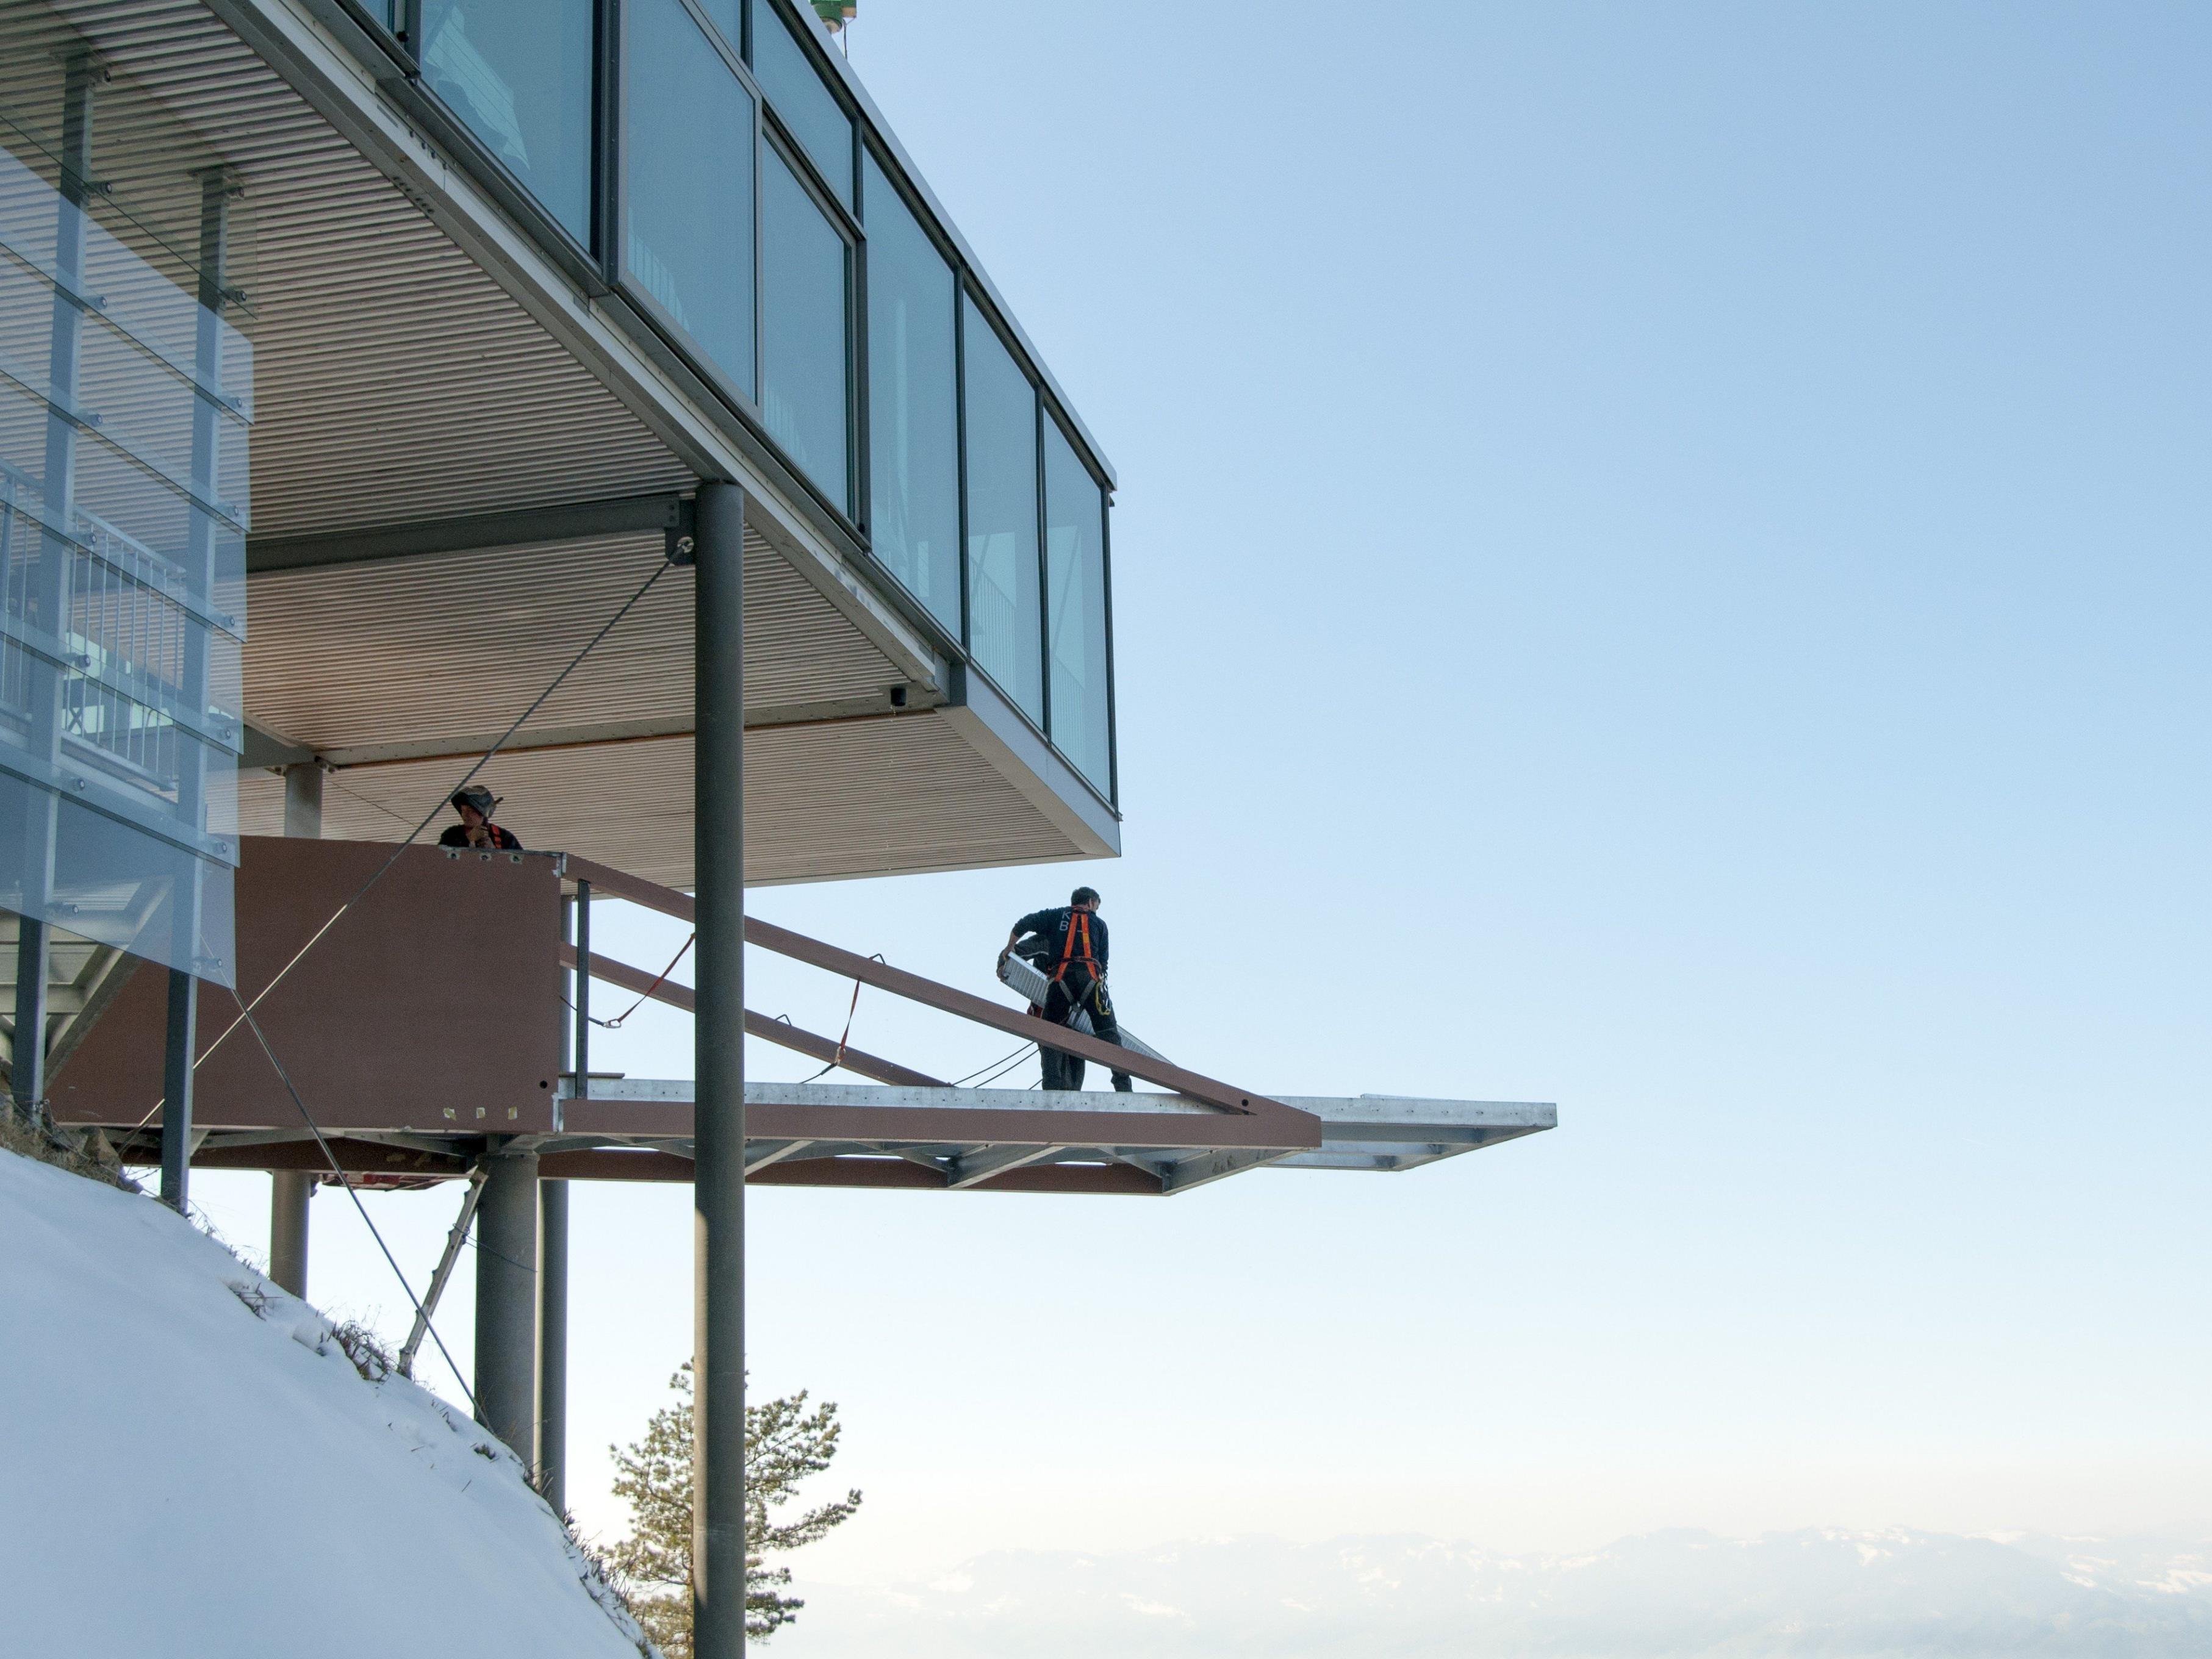 Die Bauarbeiten an der Karren-Kante auf 976 Meter Höhe schreiten zügig voran.